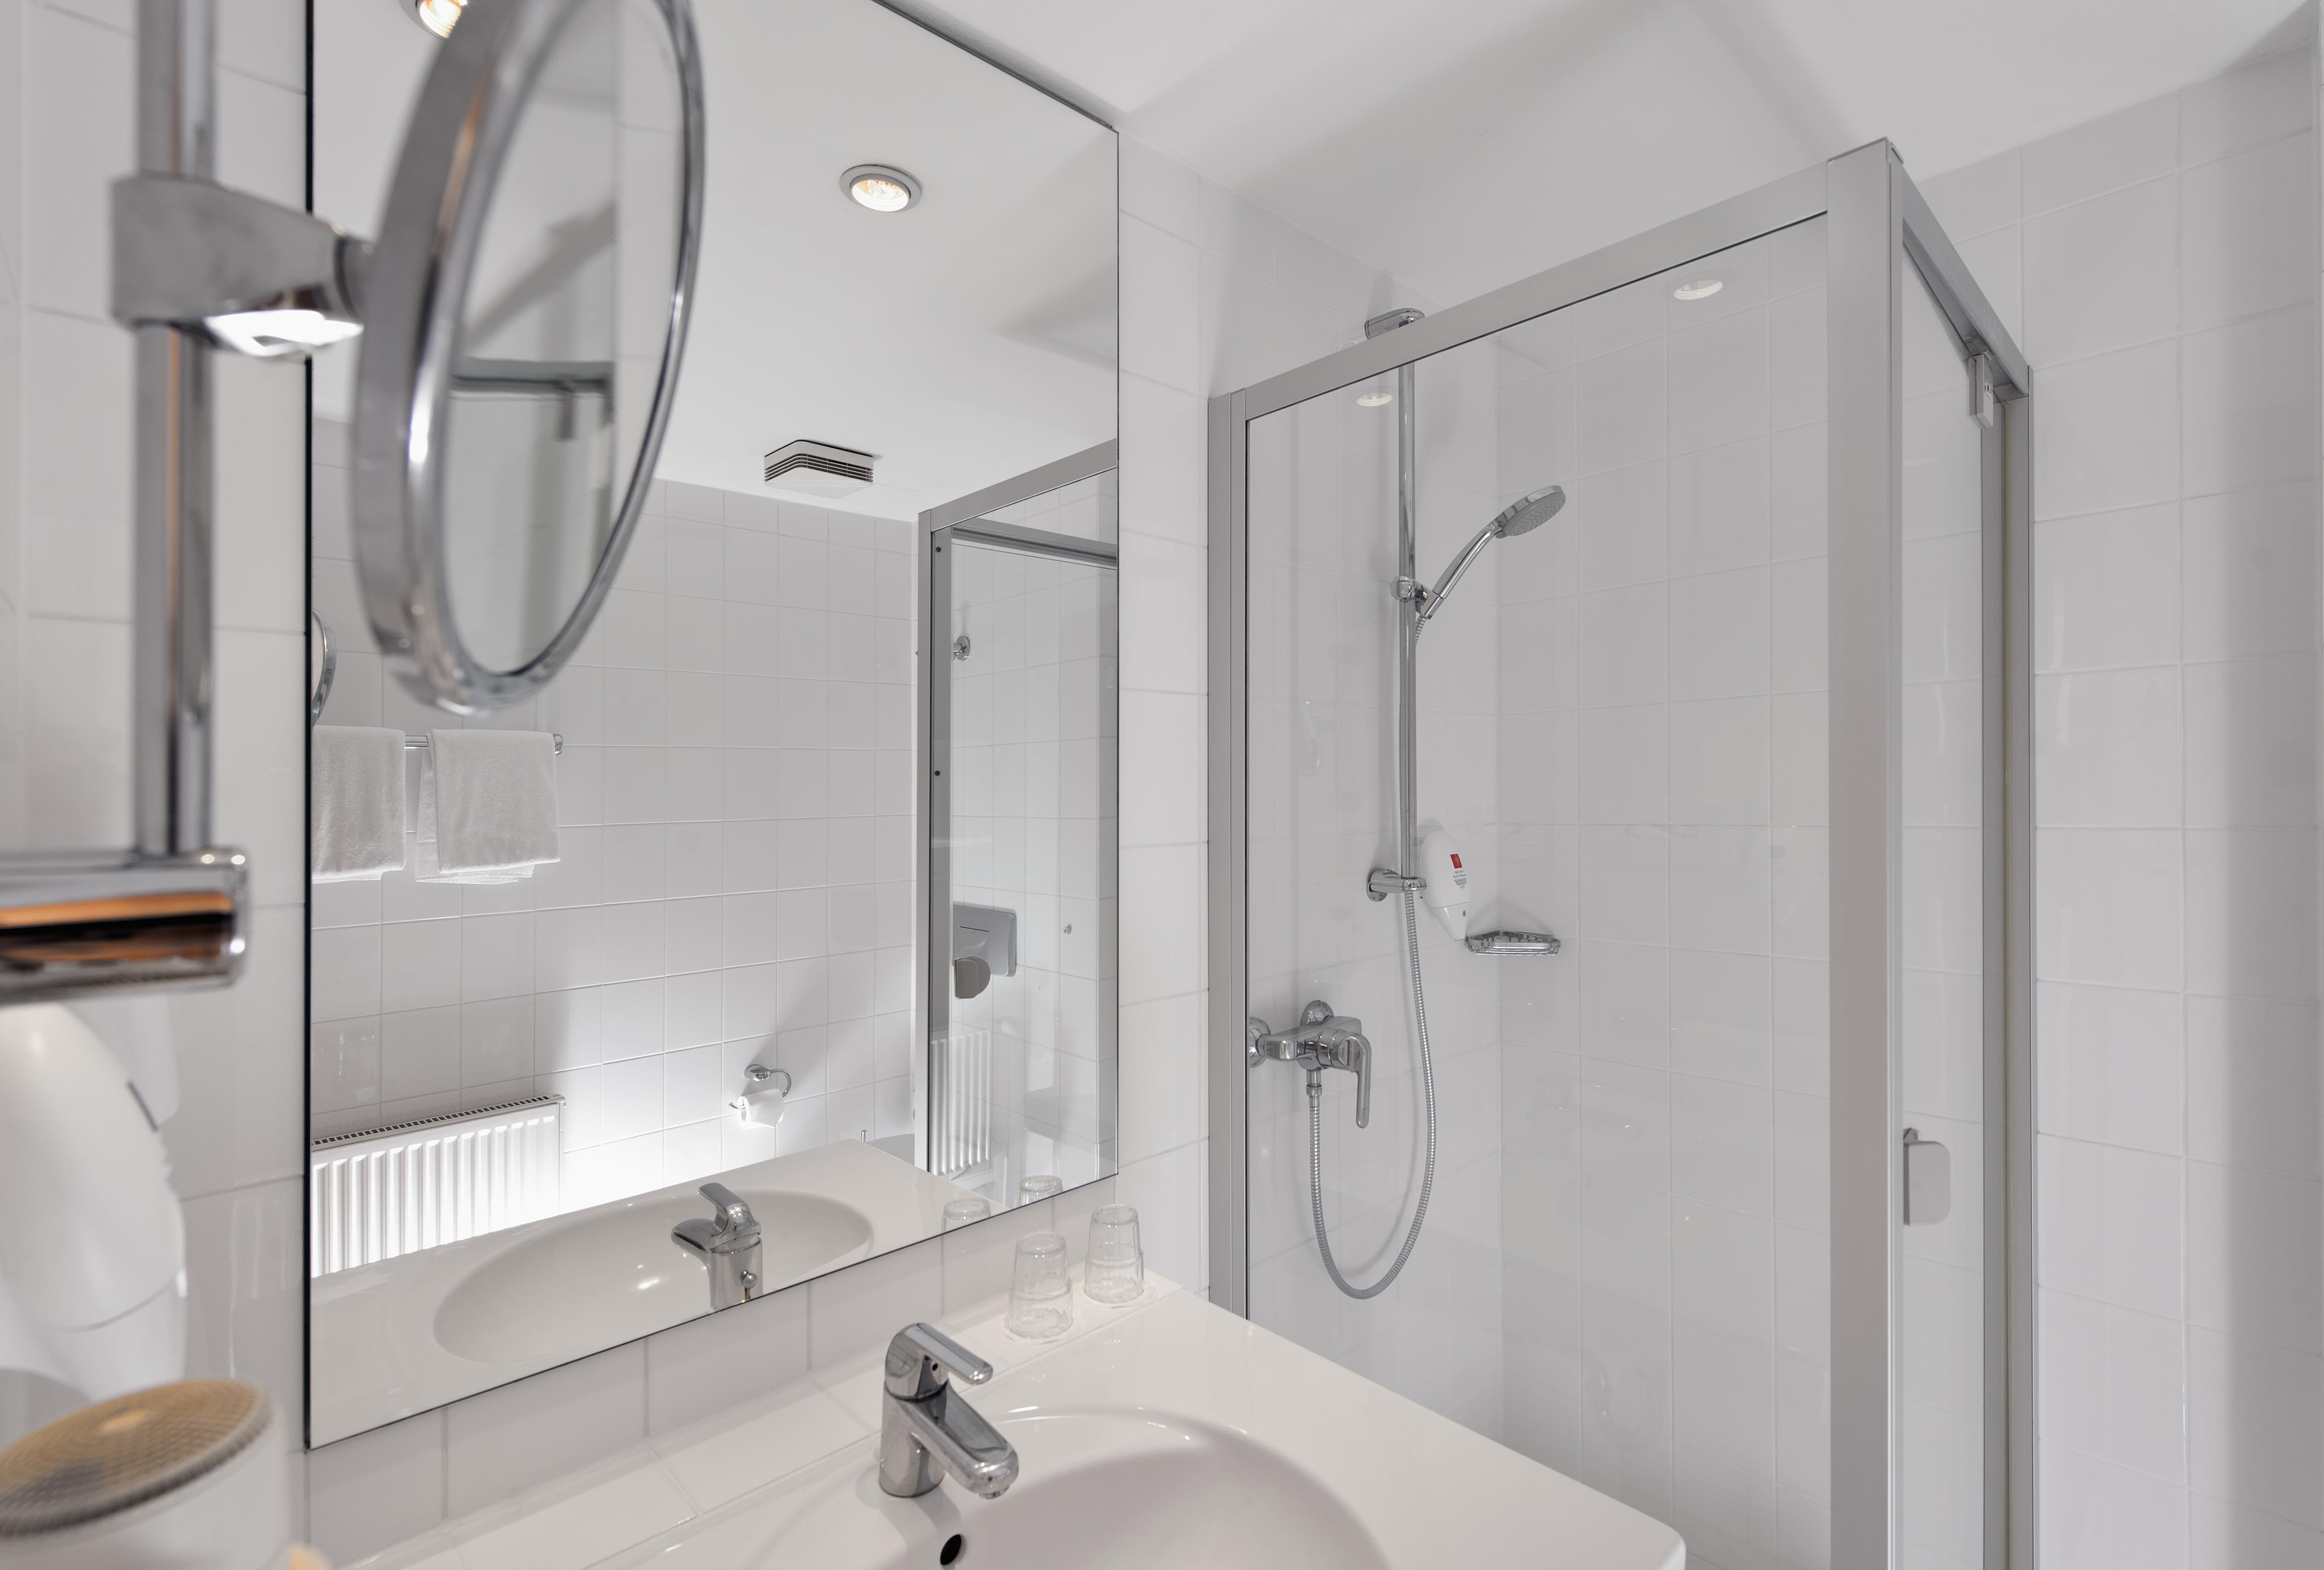 ... Hotelzimmer Potsdam Sanssouci Badezimmer Bathroom Wyndham Garden Potsdam  Hotel Sanssouci Park | © Wyndham Garden Potsdam ...